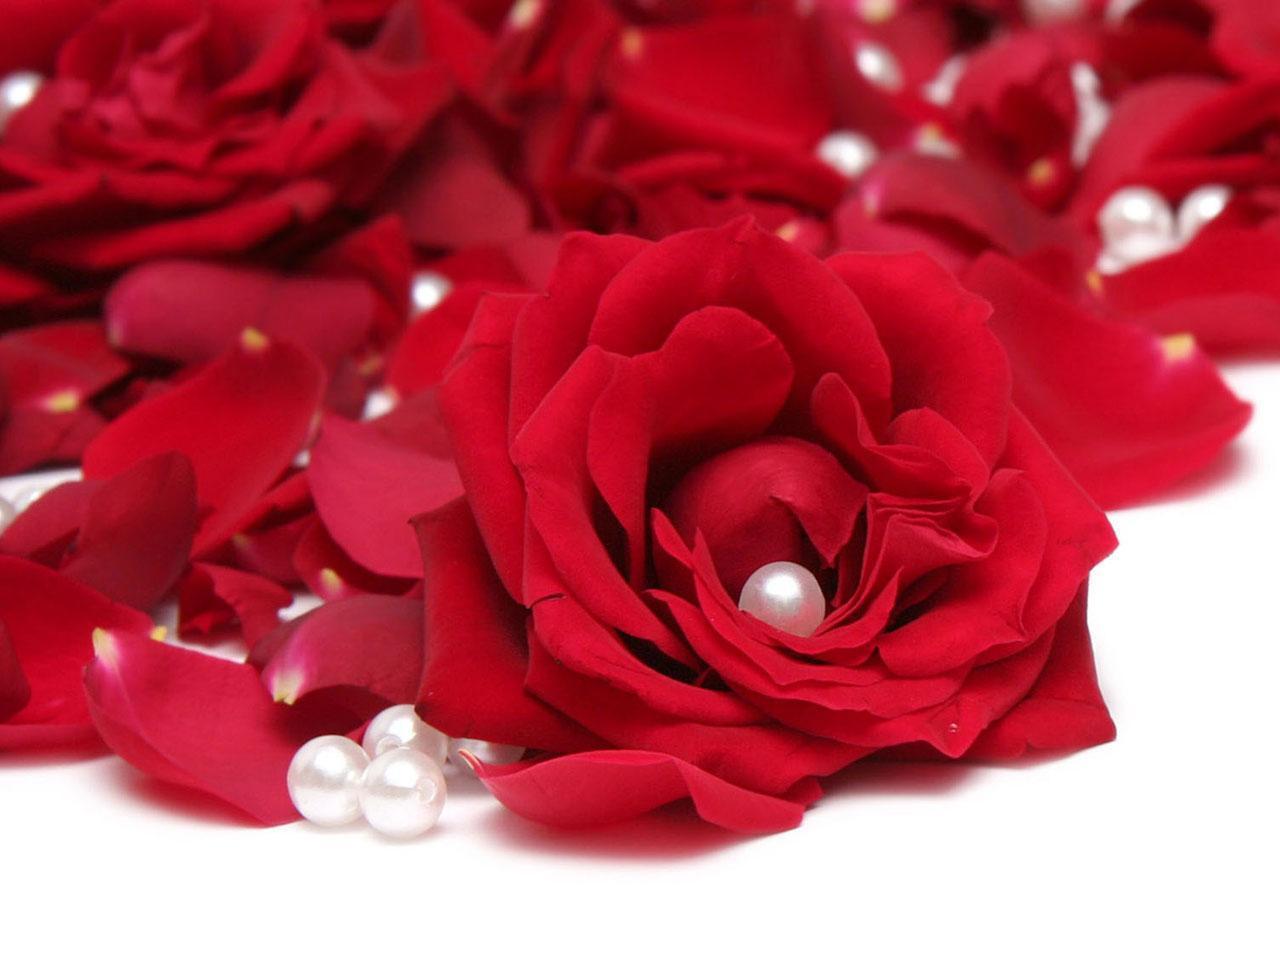 صورة صور ورد صور ورد , اجمل صور الورد الجميل 3709 2